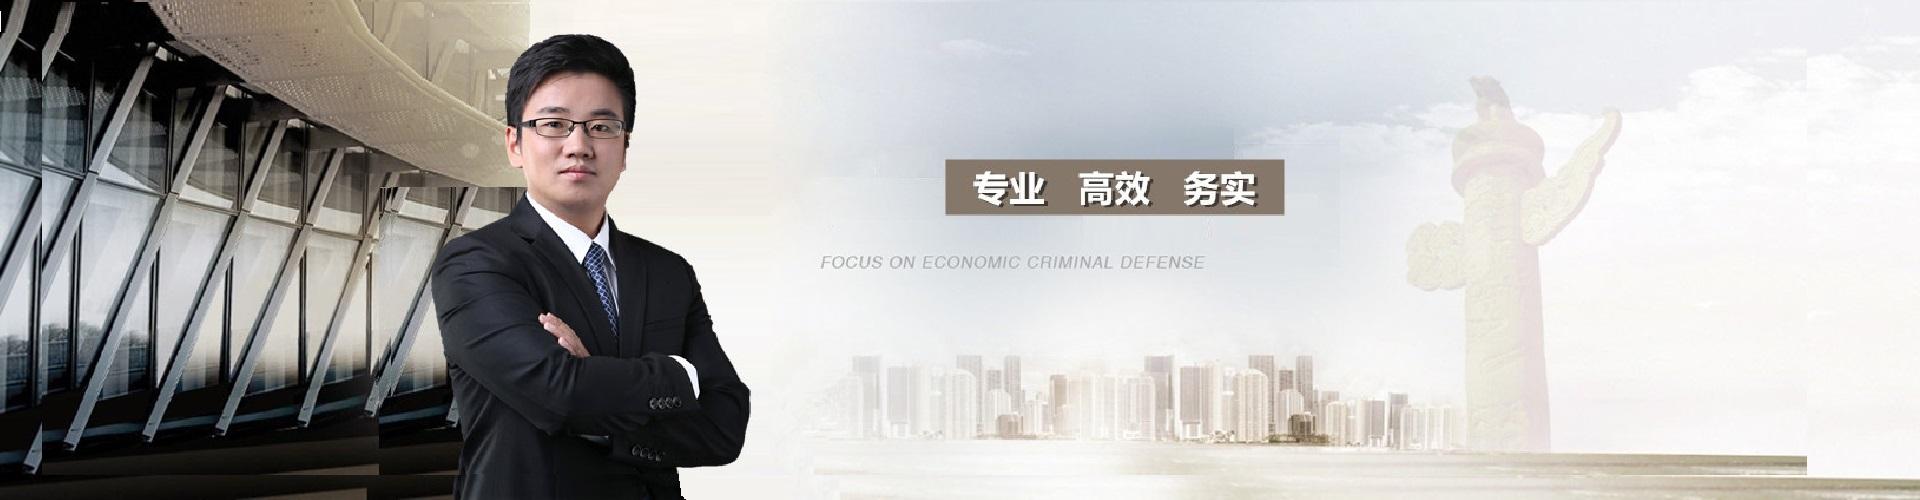 嘉定律师1